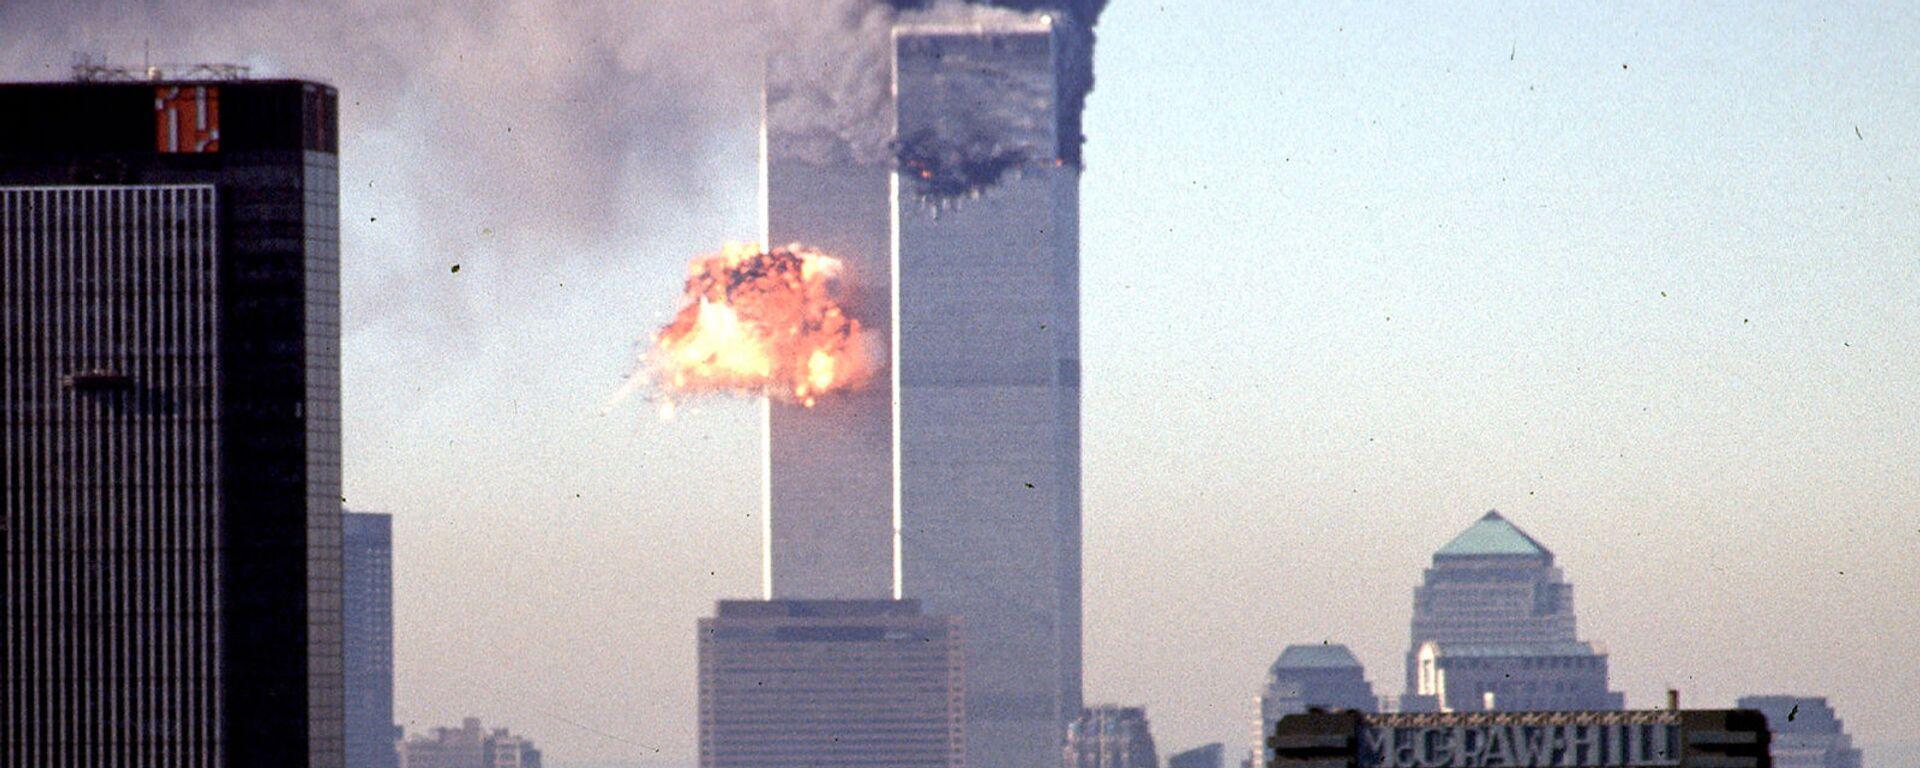 Всемирный торговый центр во время взрыва (11 сентября 2001. Нью-Йорк - Sputnik Արմենիա, 1920, 11.09.2021